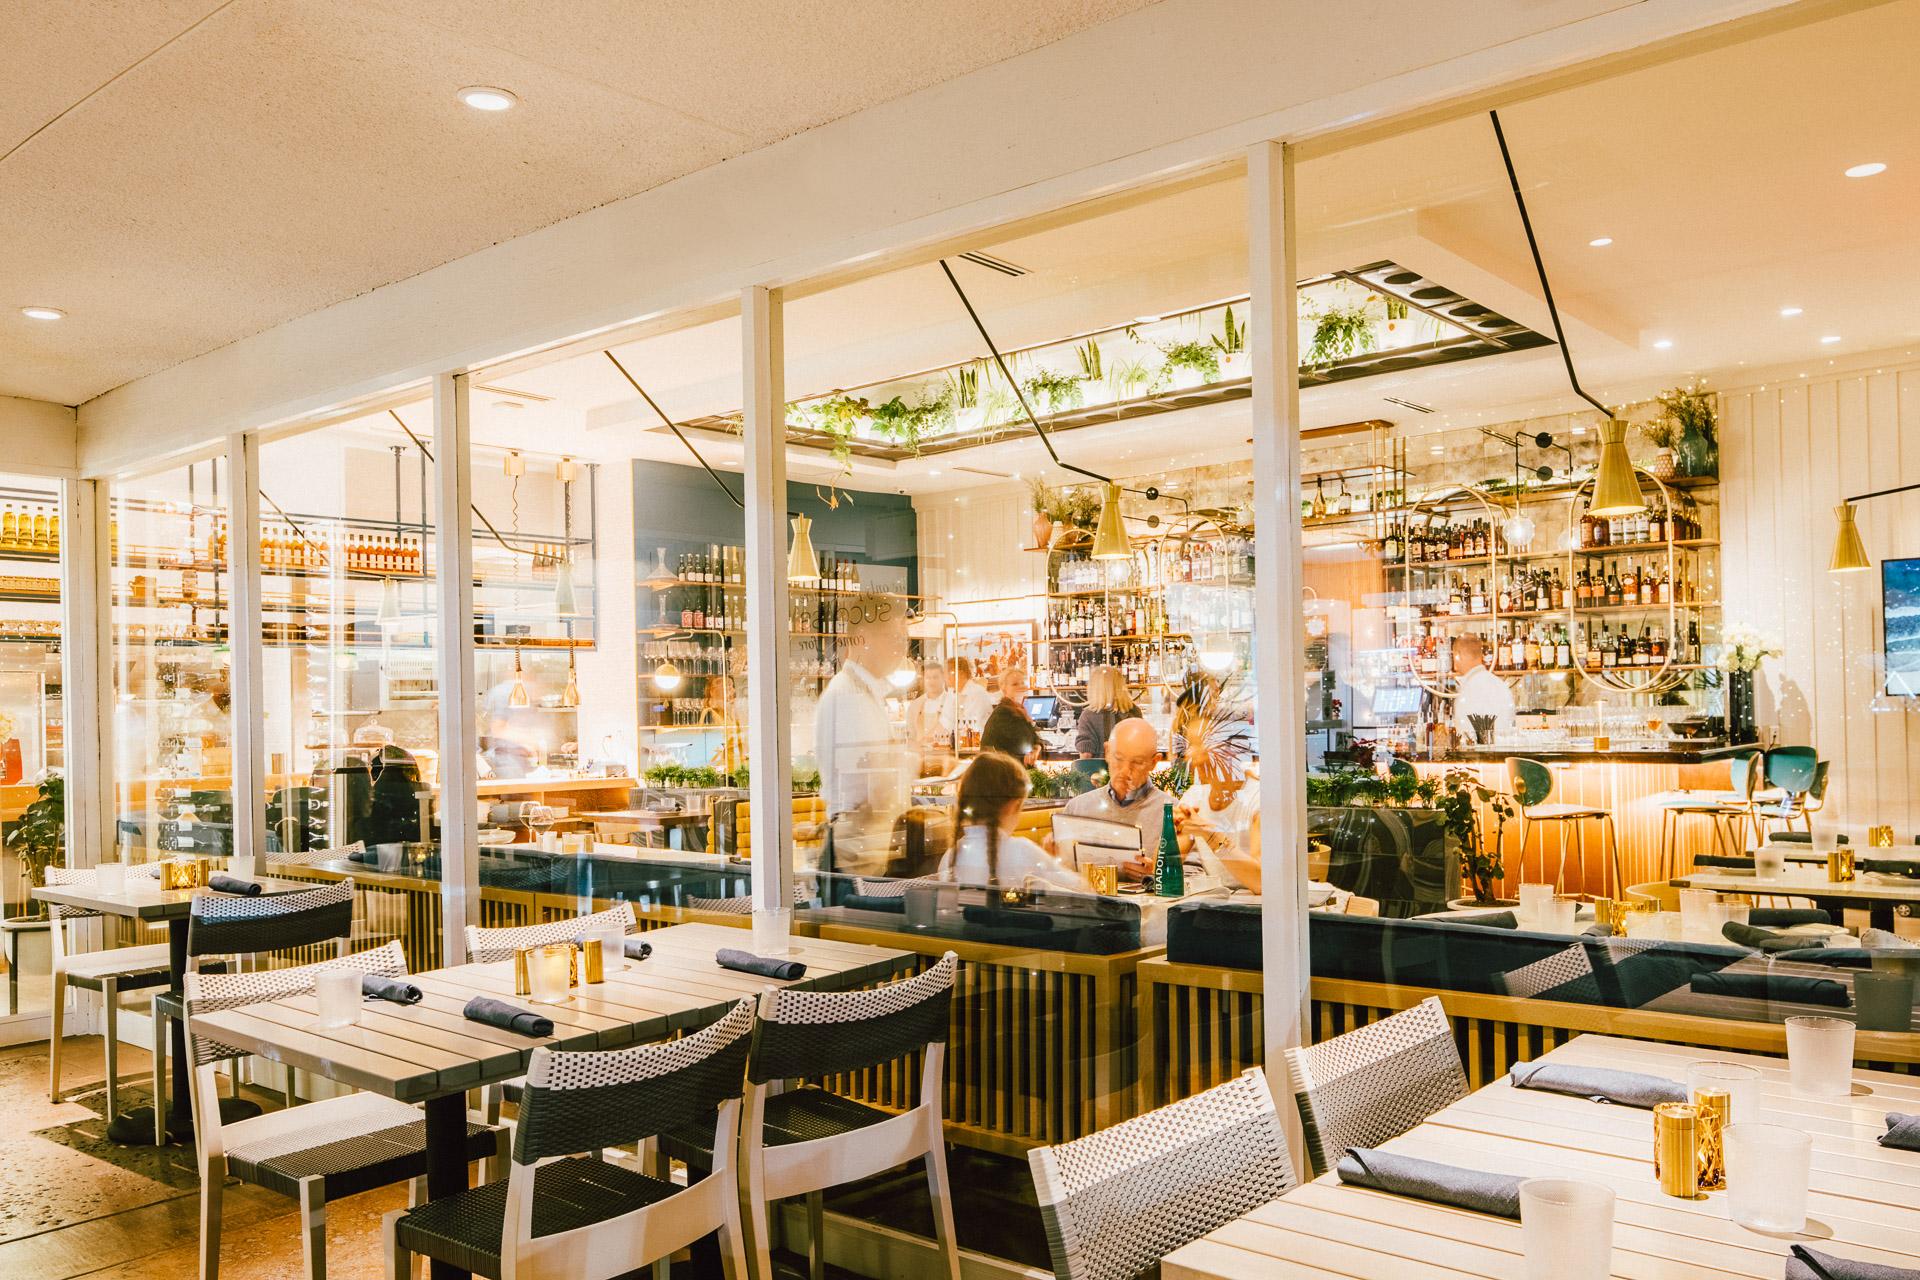 los-angeles-architectural-photographer-bistro-jolie-restaurant-7.jpg